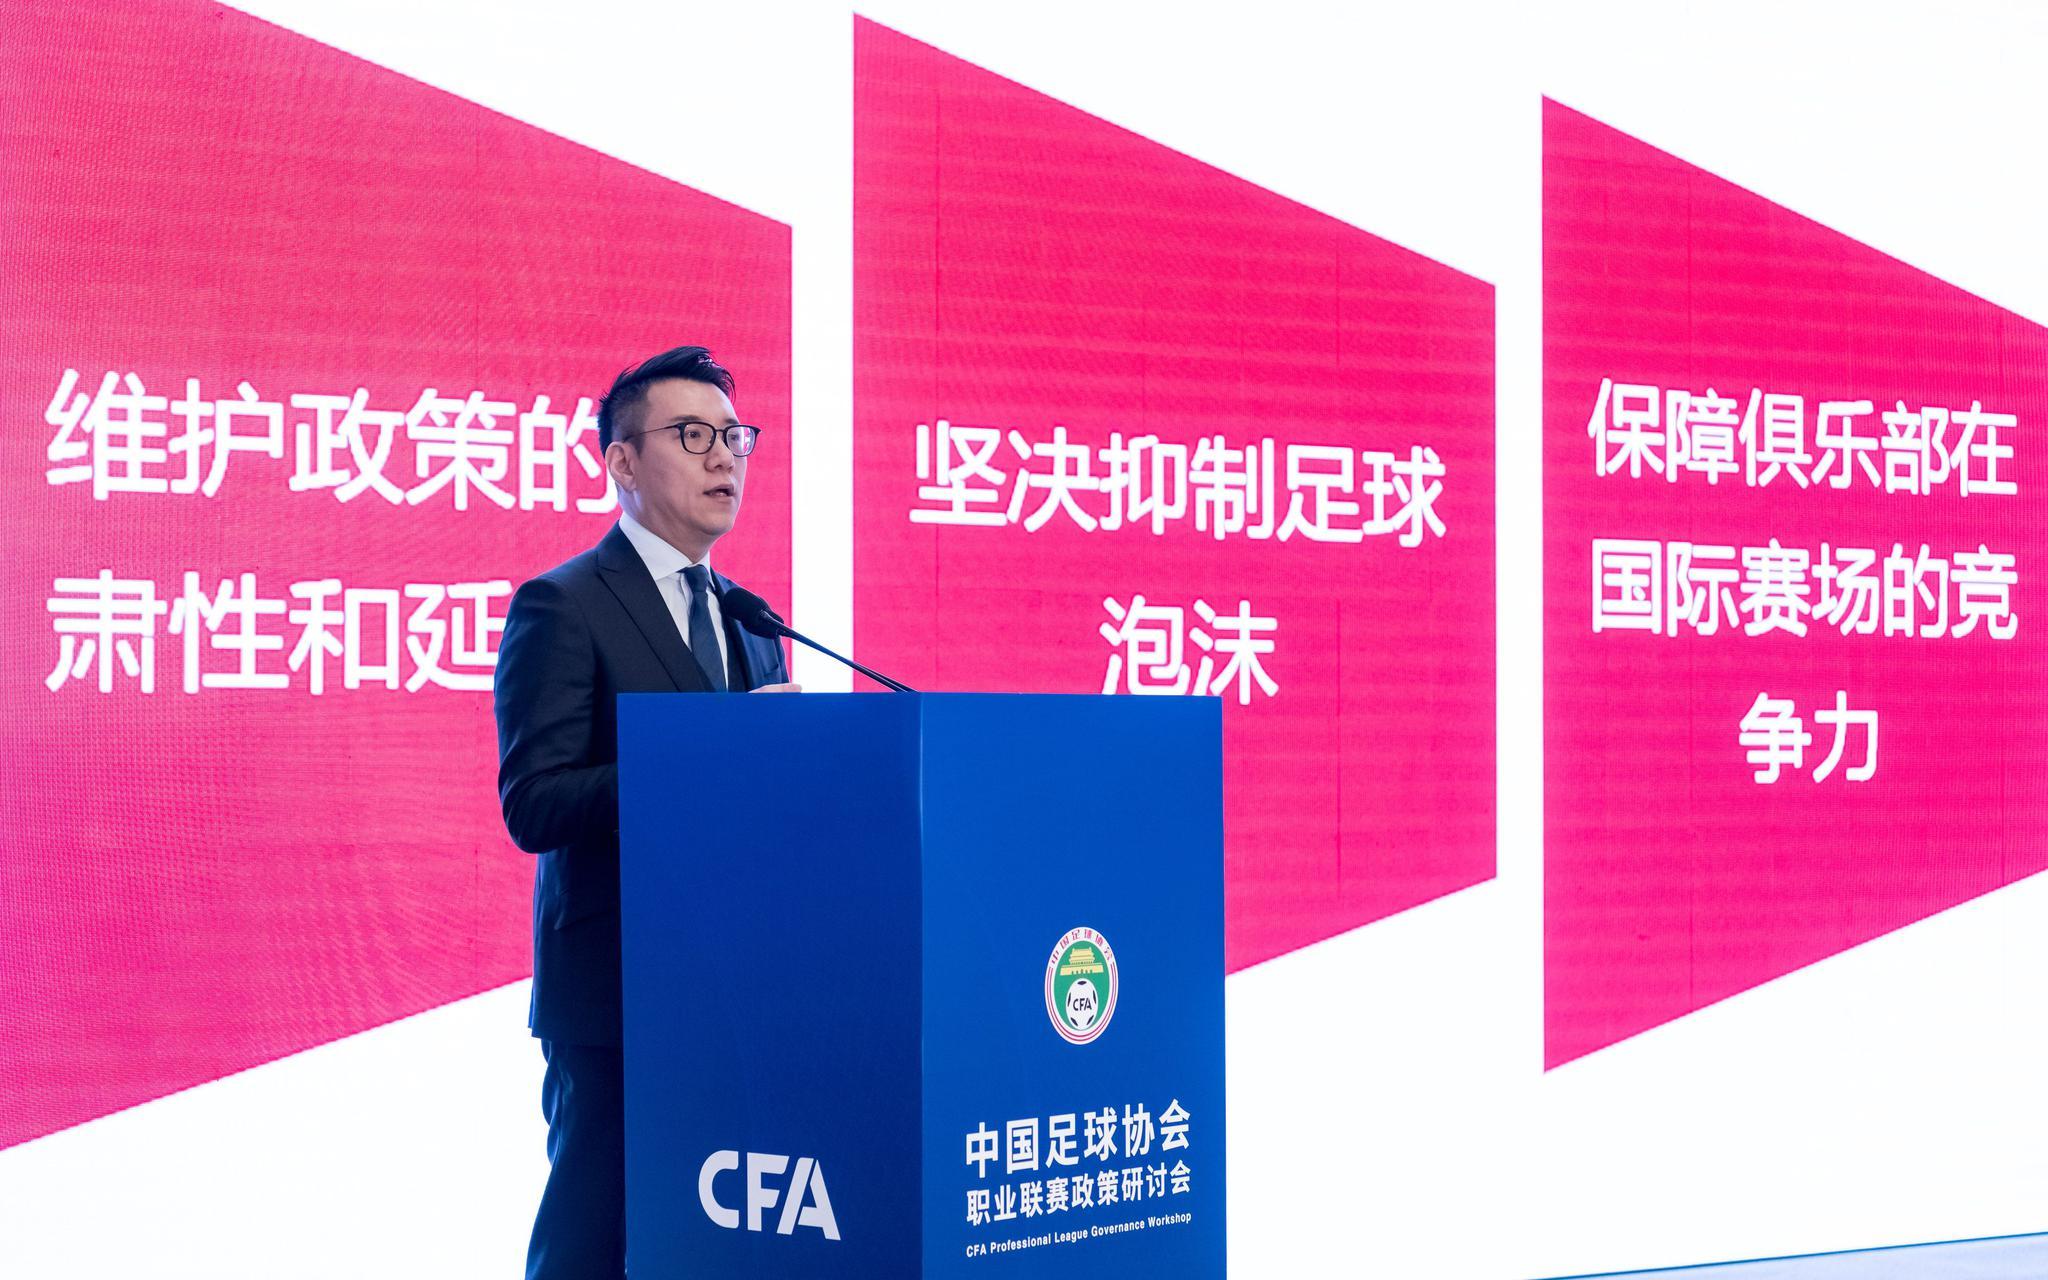 中国足协秘书长刘奕讲话。中国足协供图